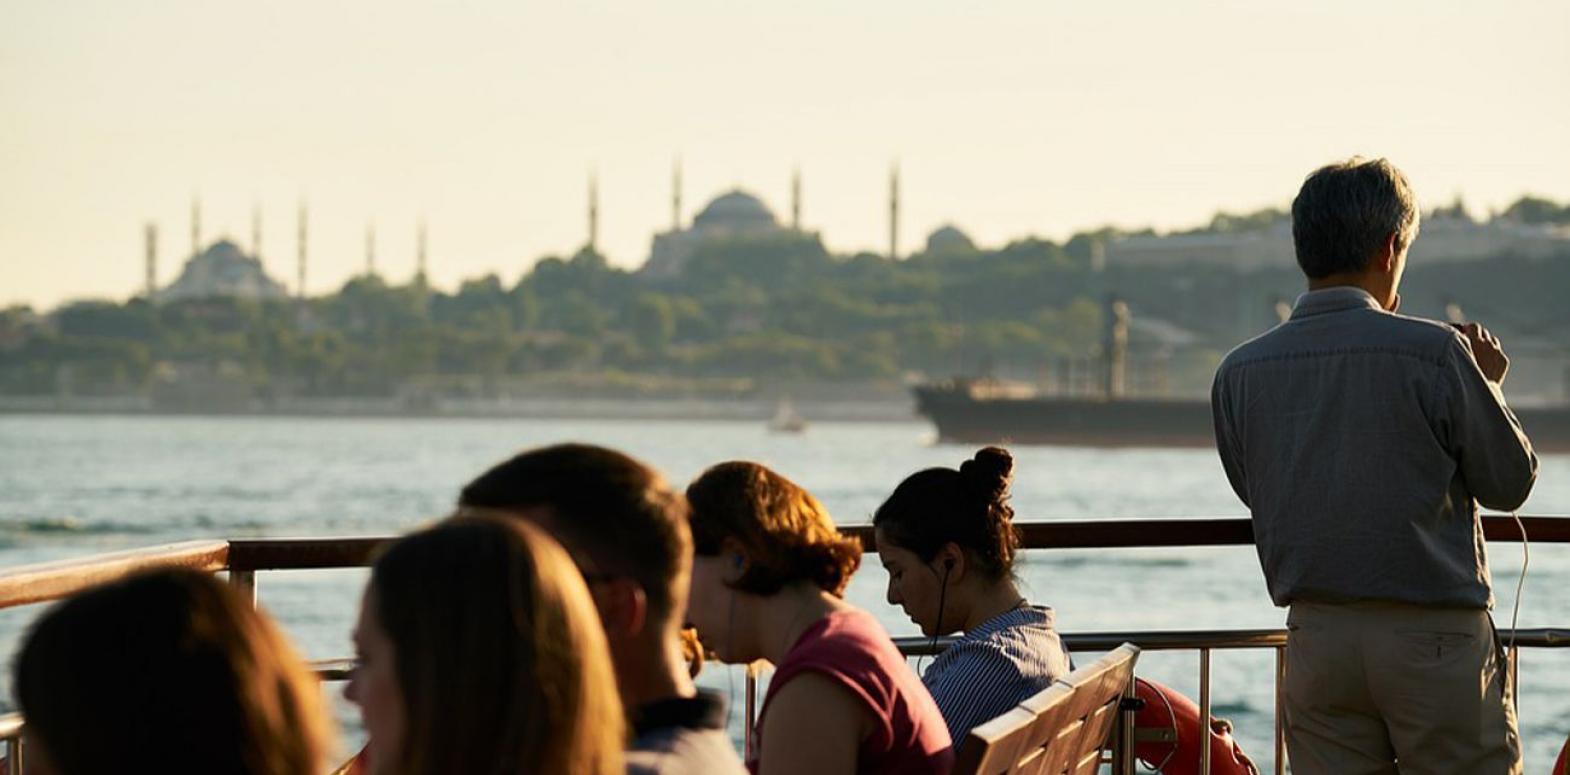 ООН назвала размер убытков в туристической отрасли из-за COVID-19